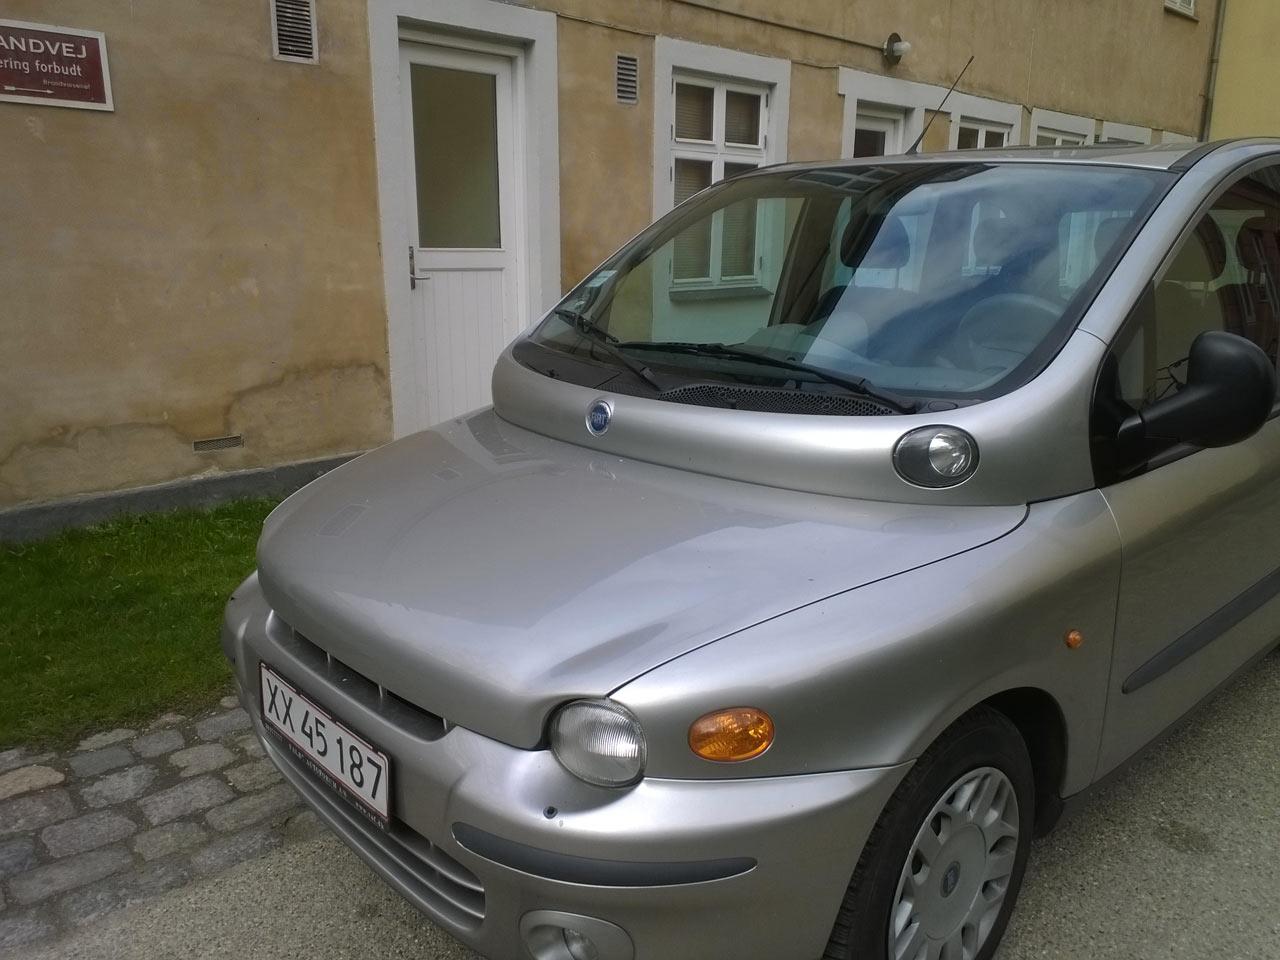 F5-Ole-Jensen-1-Fiat